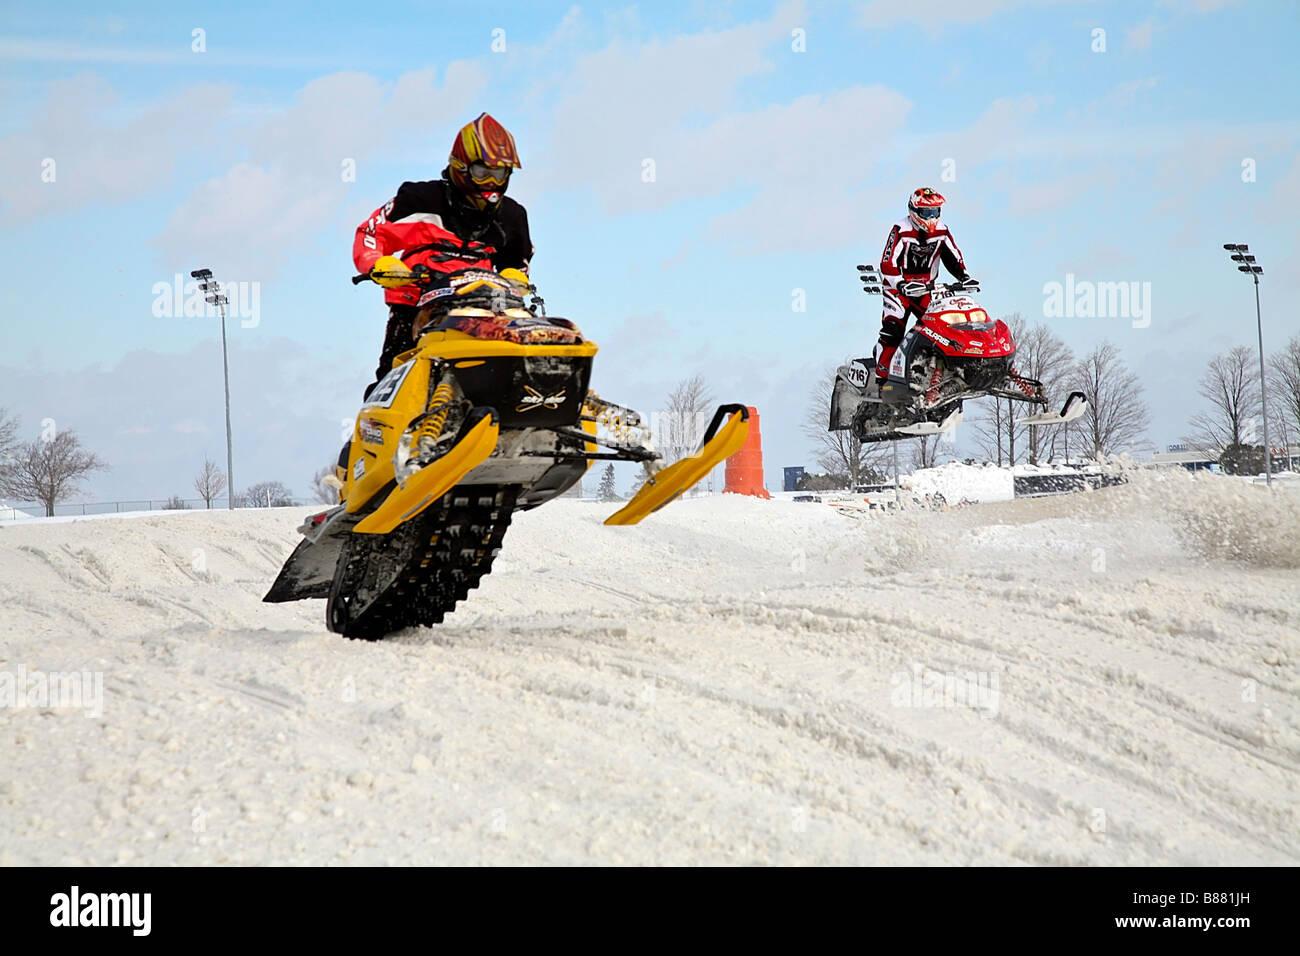 Royaume-Uni disponibilité 1c8e4 14e07 Snowcross, Snowmobile Race in North America, Canada Stock ...